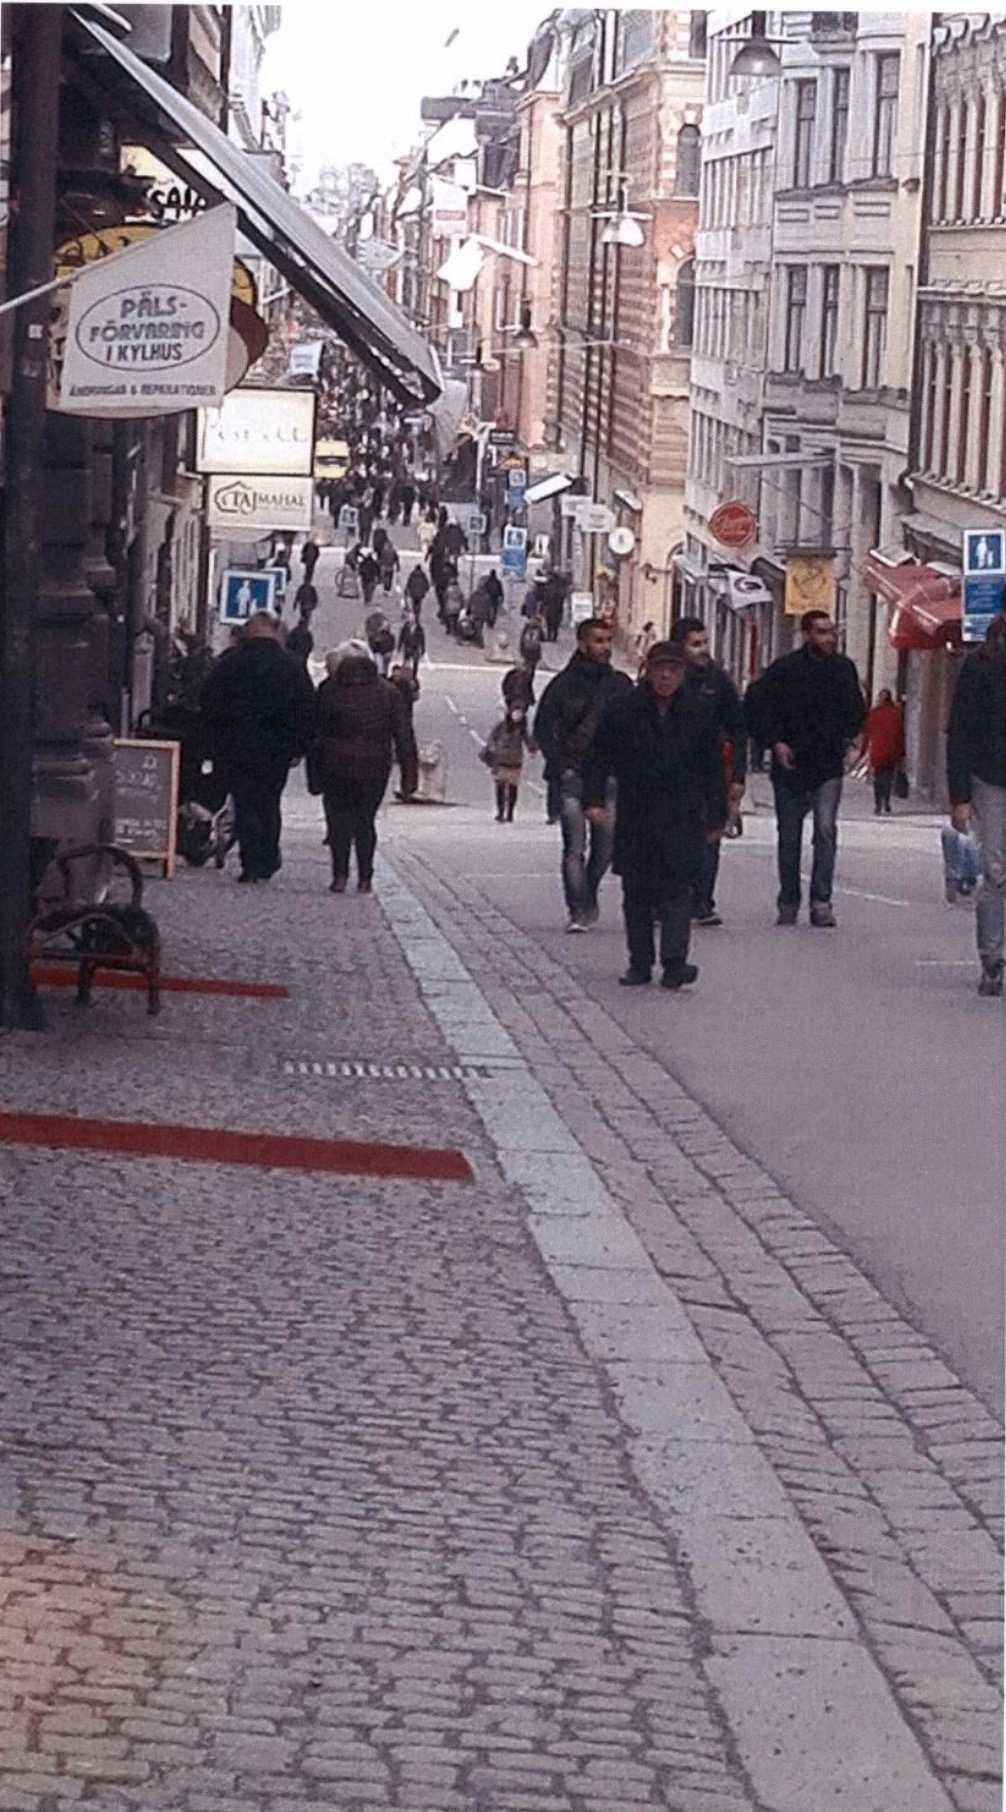 Akilovs bilder från Drottninggatan, Stockholm.